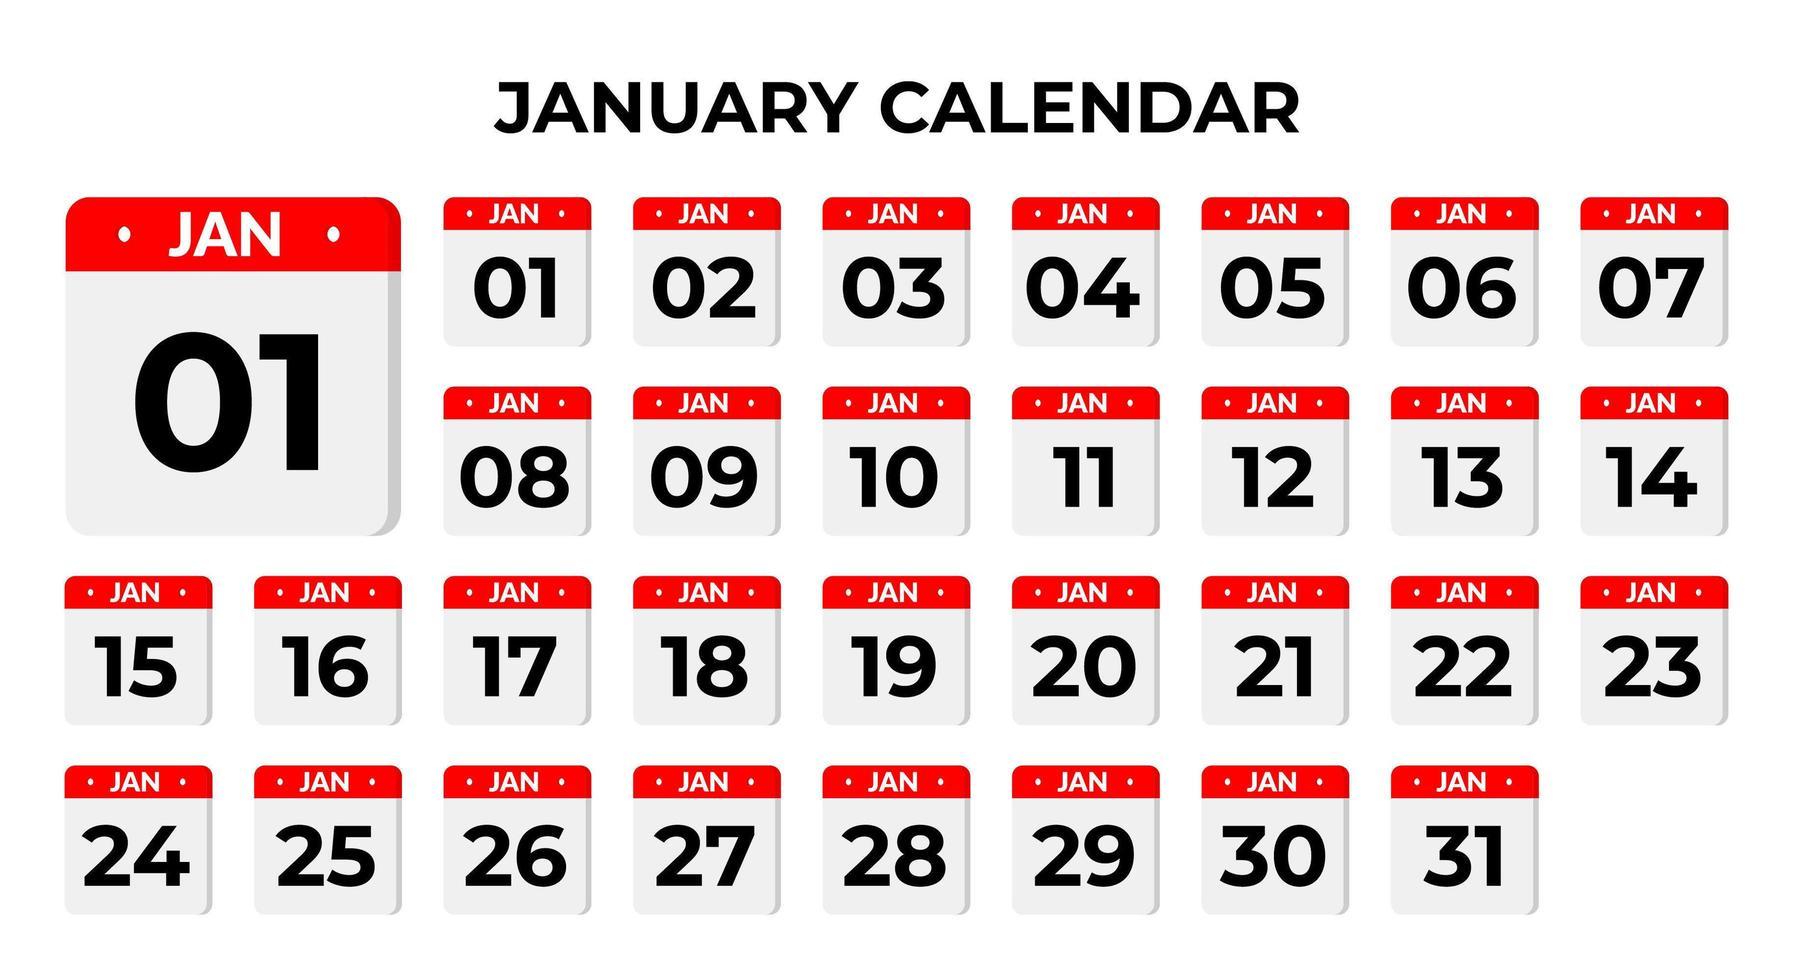 January calendar icons vector